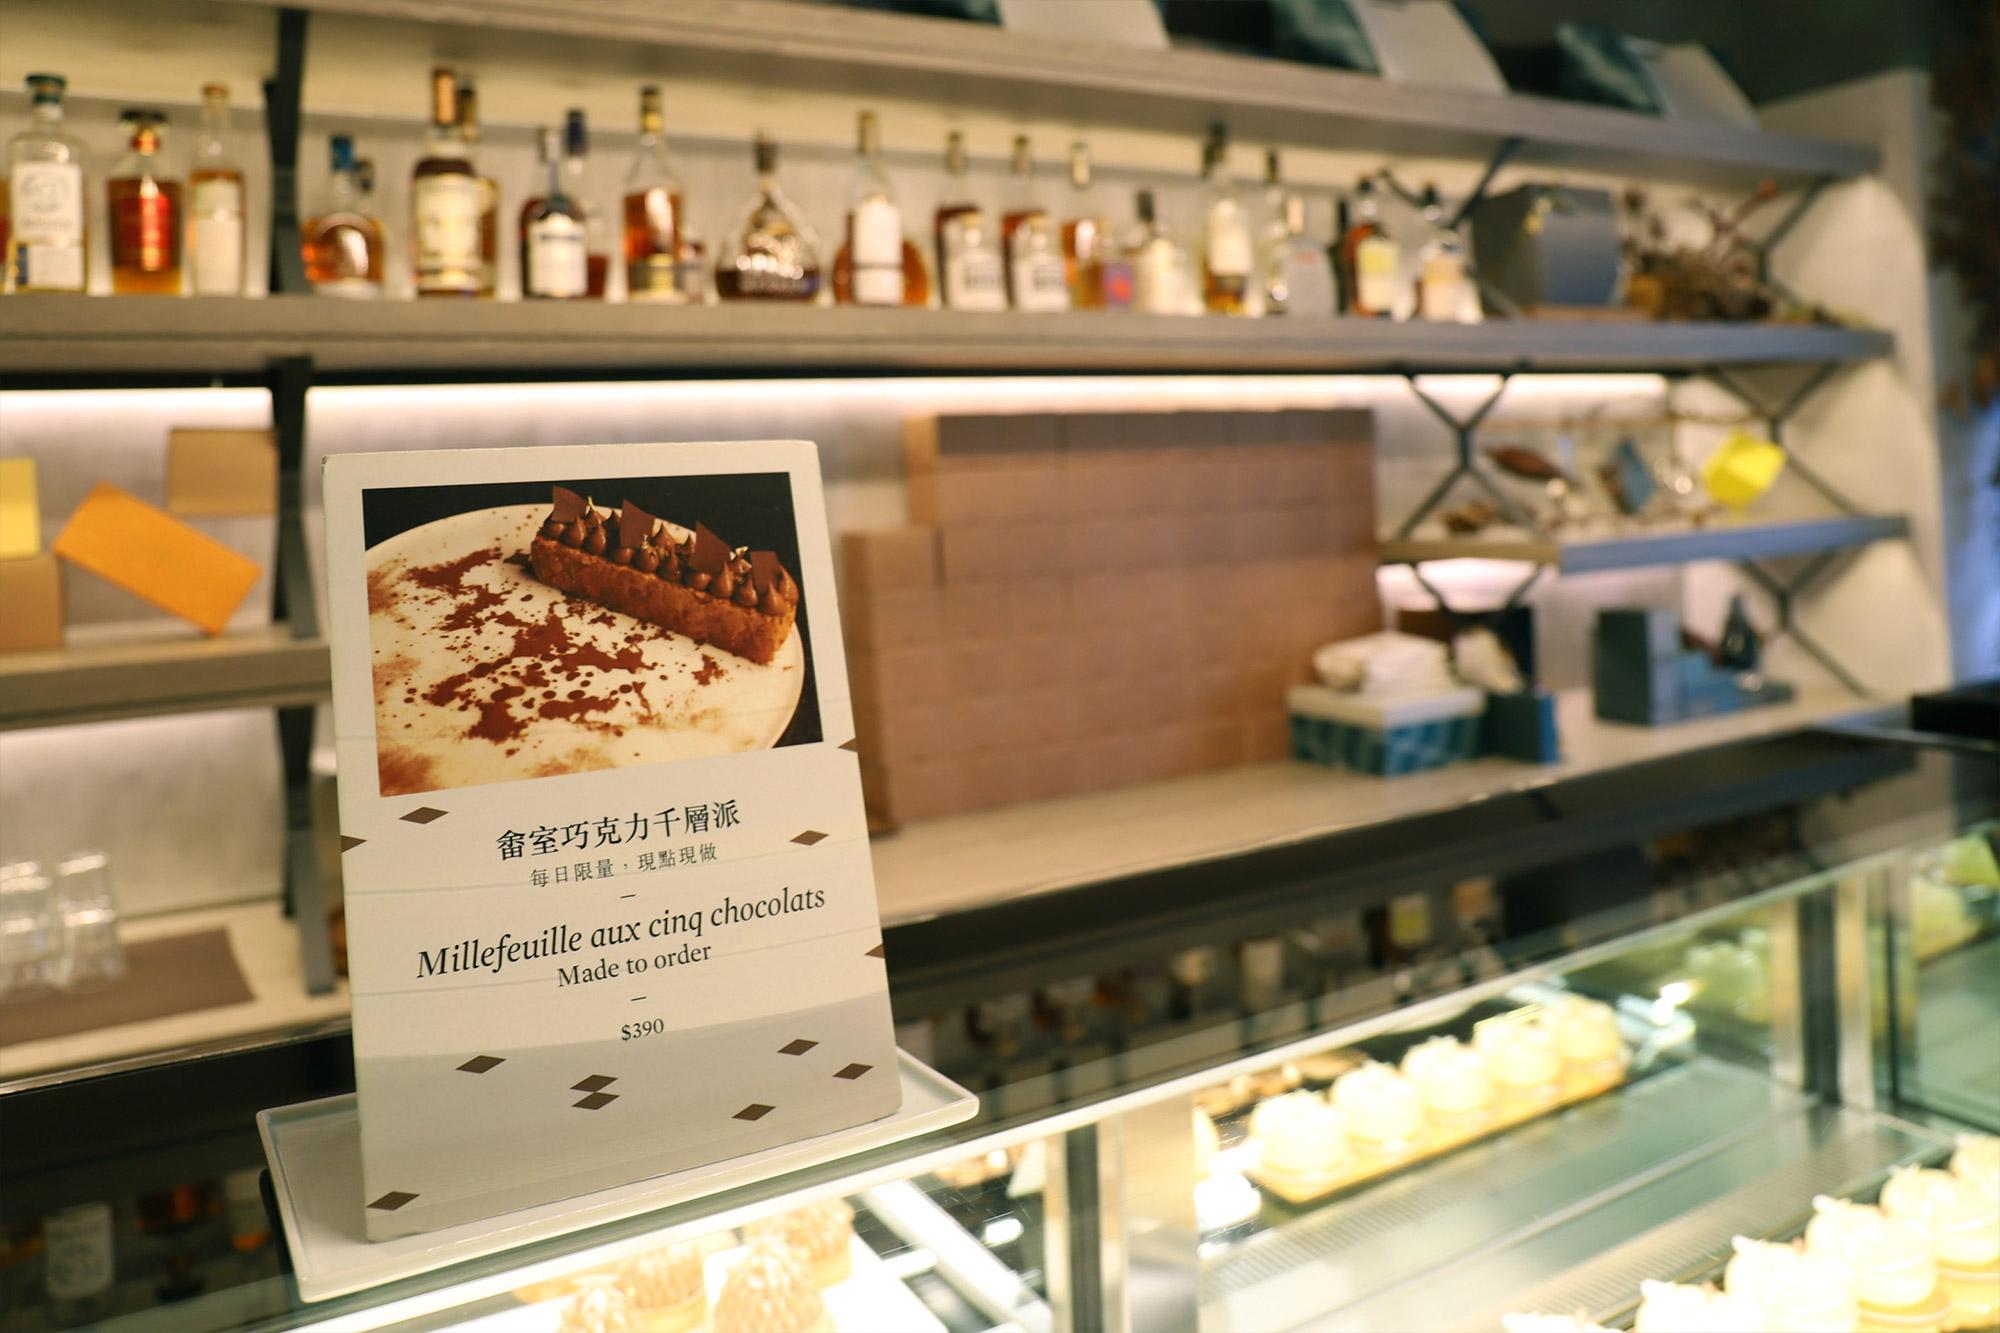 畬室法式巧克力_蛋糕櫃3